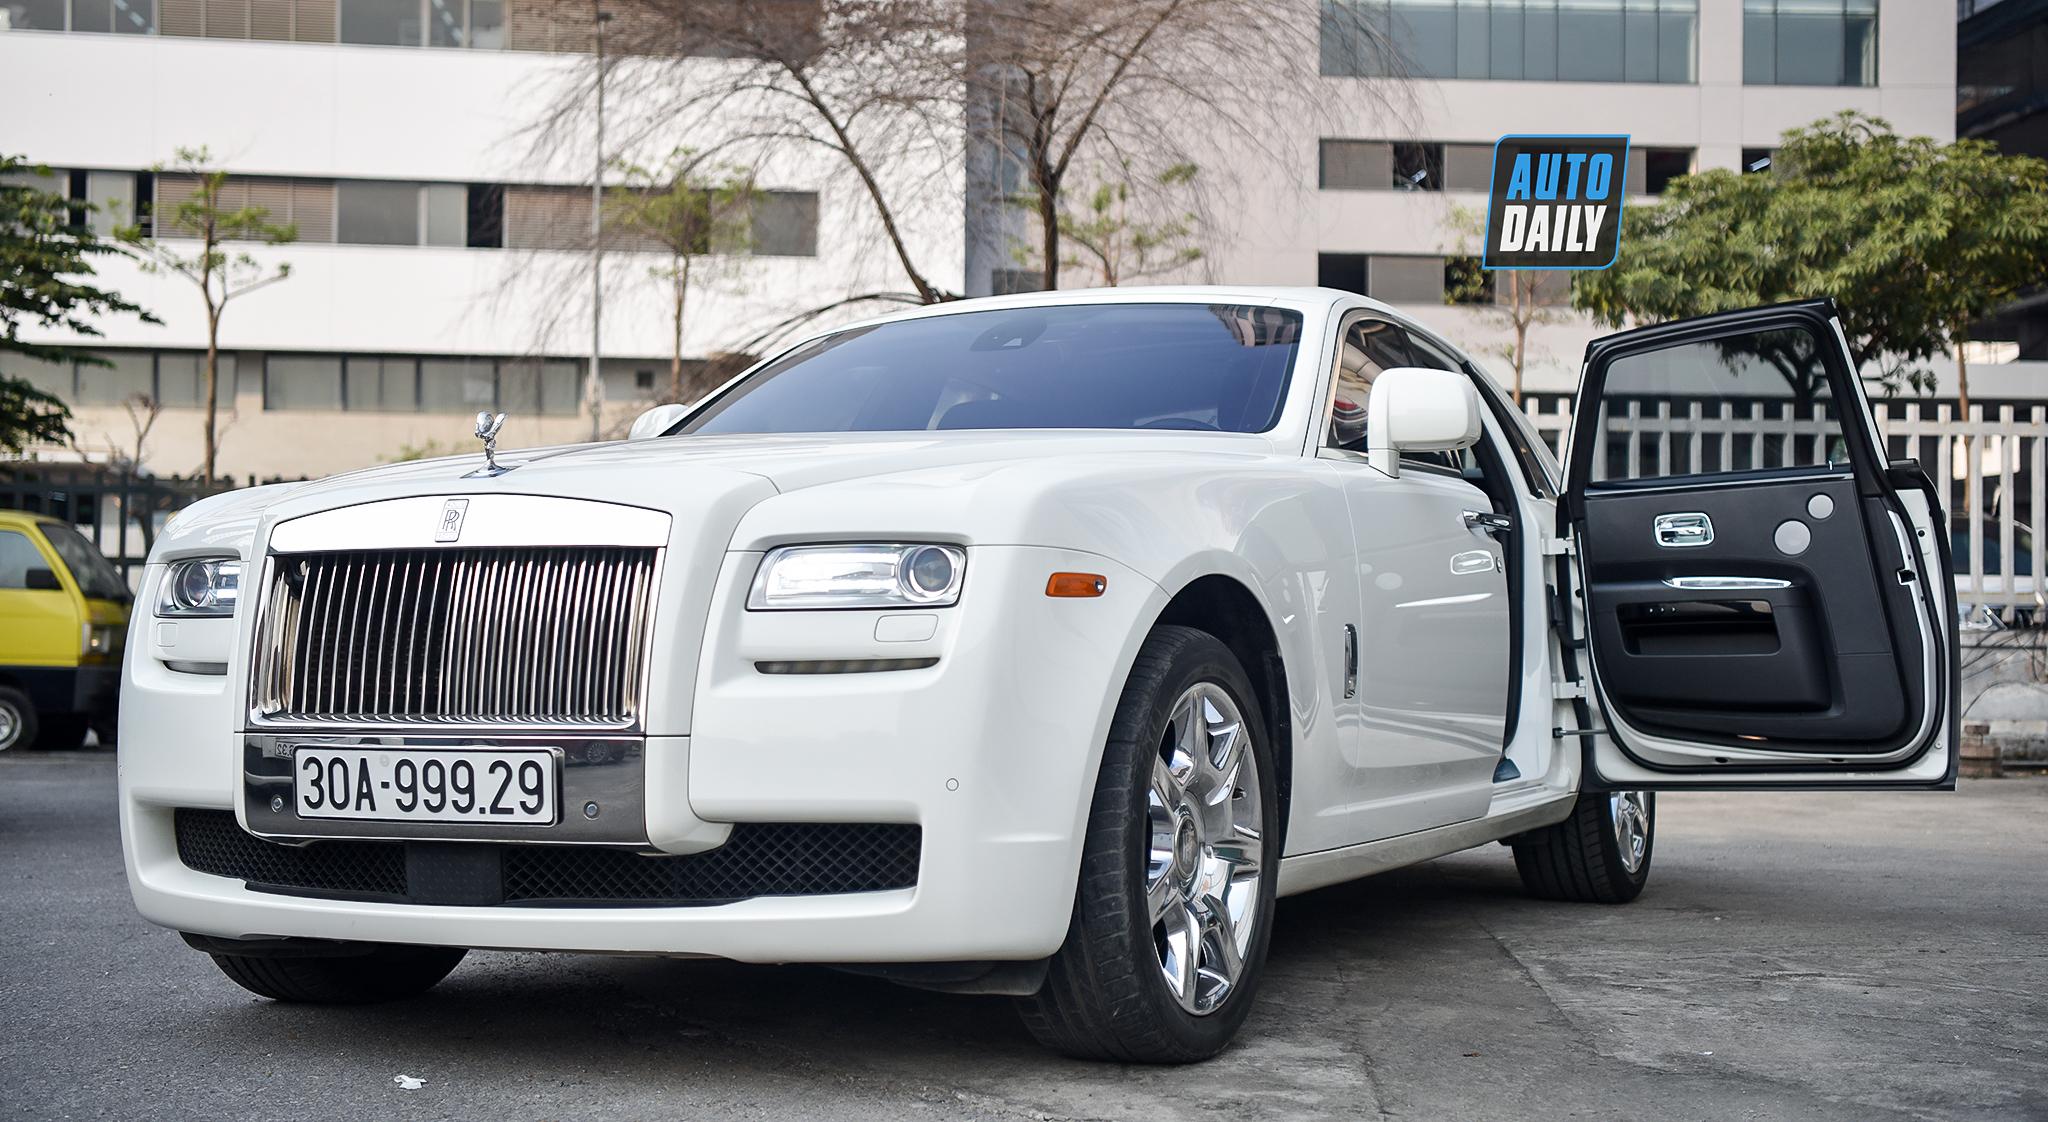 Rolls-Royce Ghost 2010 biển đẹp chào bán chỉ hơn 9 tỷ tại Hà Nội